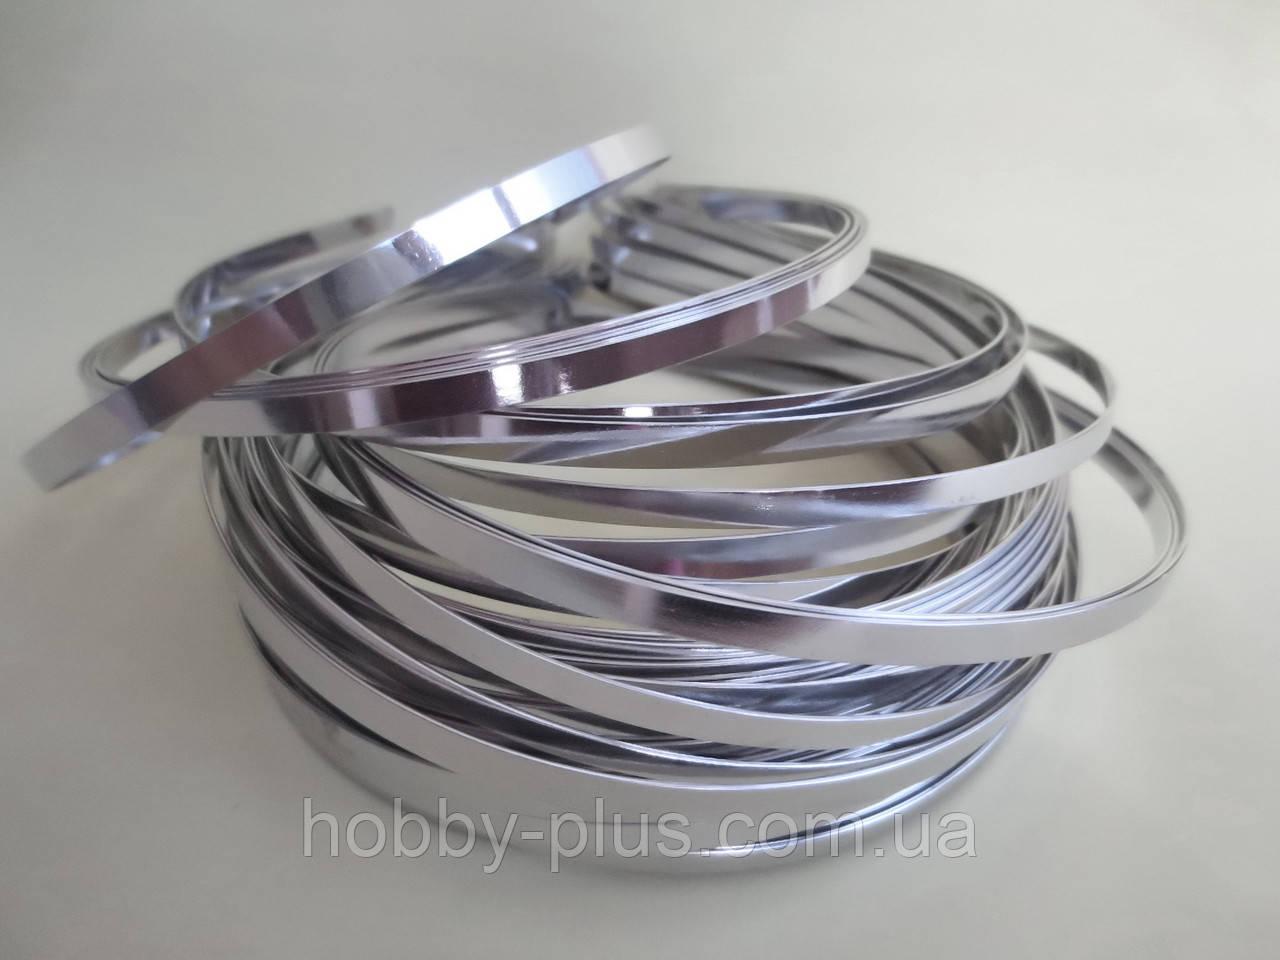 Основа для ободка, обруч-заготовка 0,45 см, металлический, 1 шт